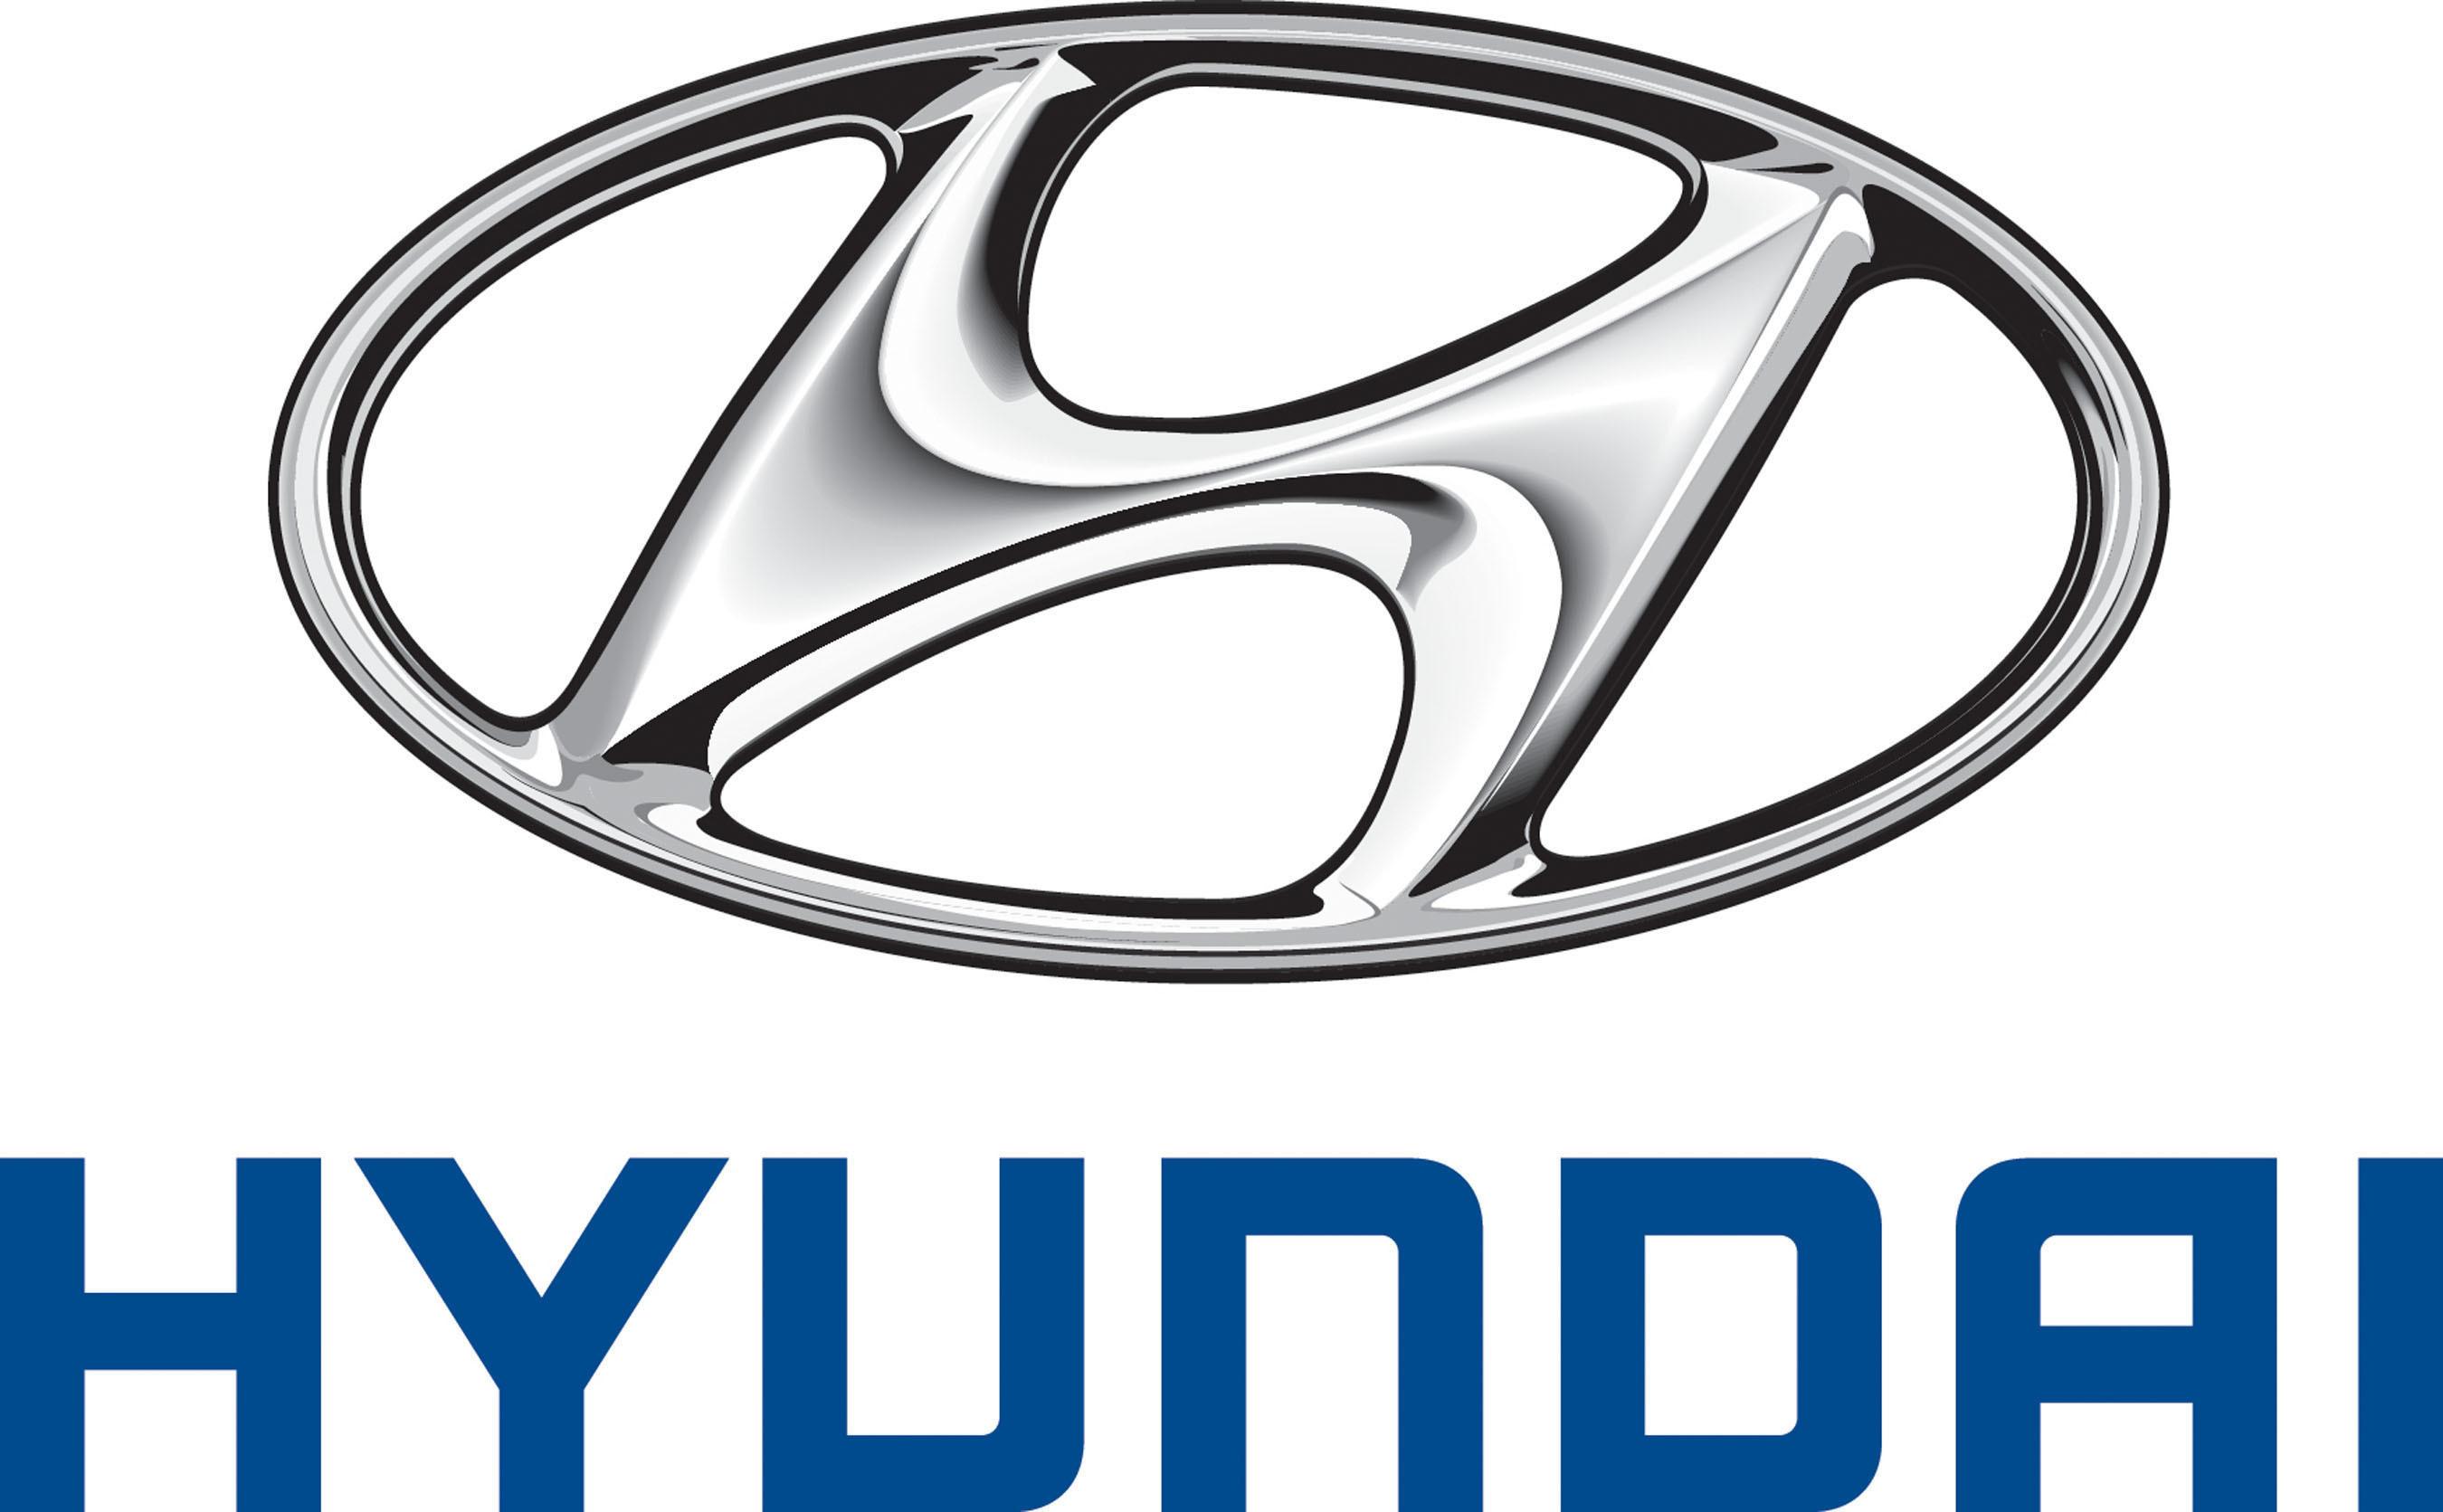 """[Hyundai] """"Kostenlos"""" lebenslanges Navi-Update, rückwirkend ab Baujahr 2010"""